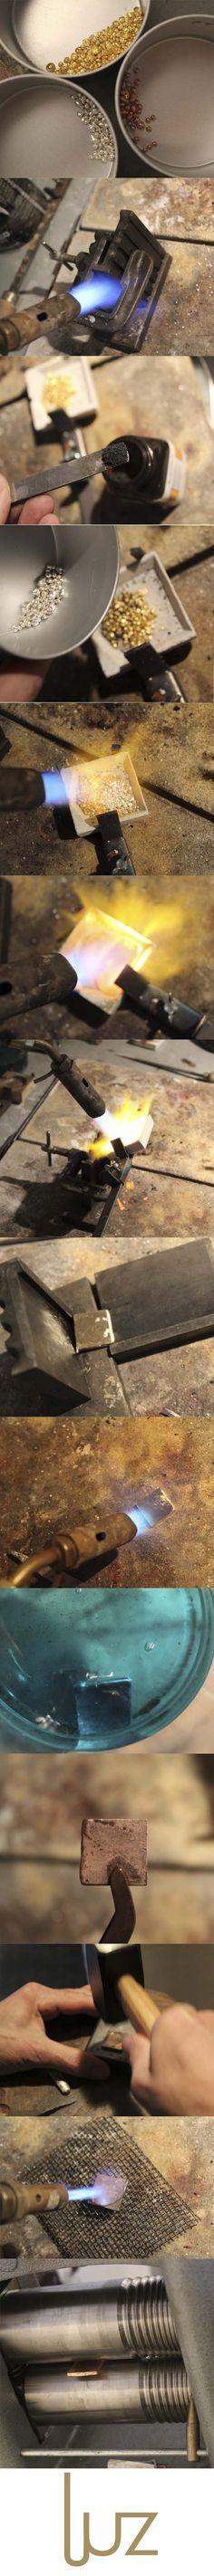 How to alloy. From fine gold to 18 carat plate. www.atelierluz.nl - Come si crea una lega dall'oro 18 carati